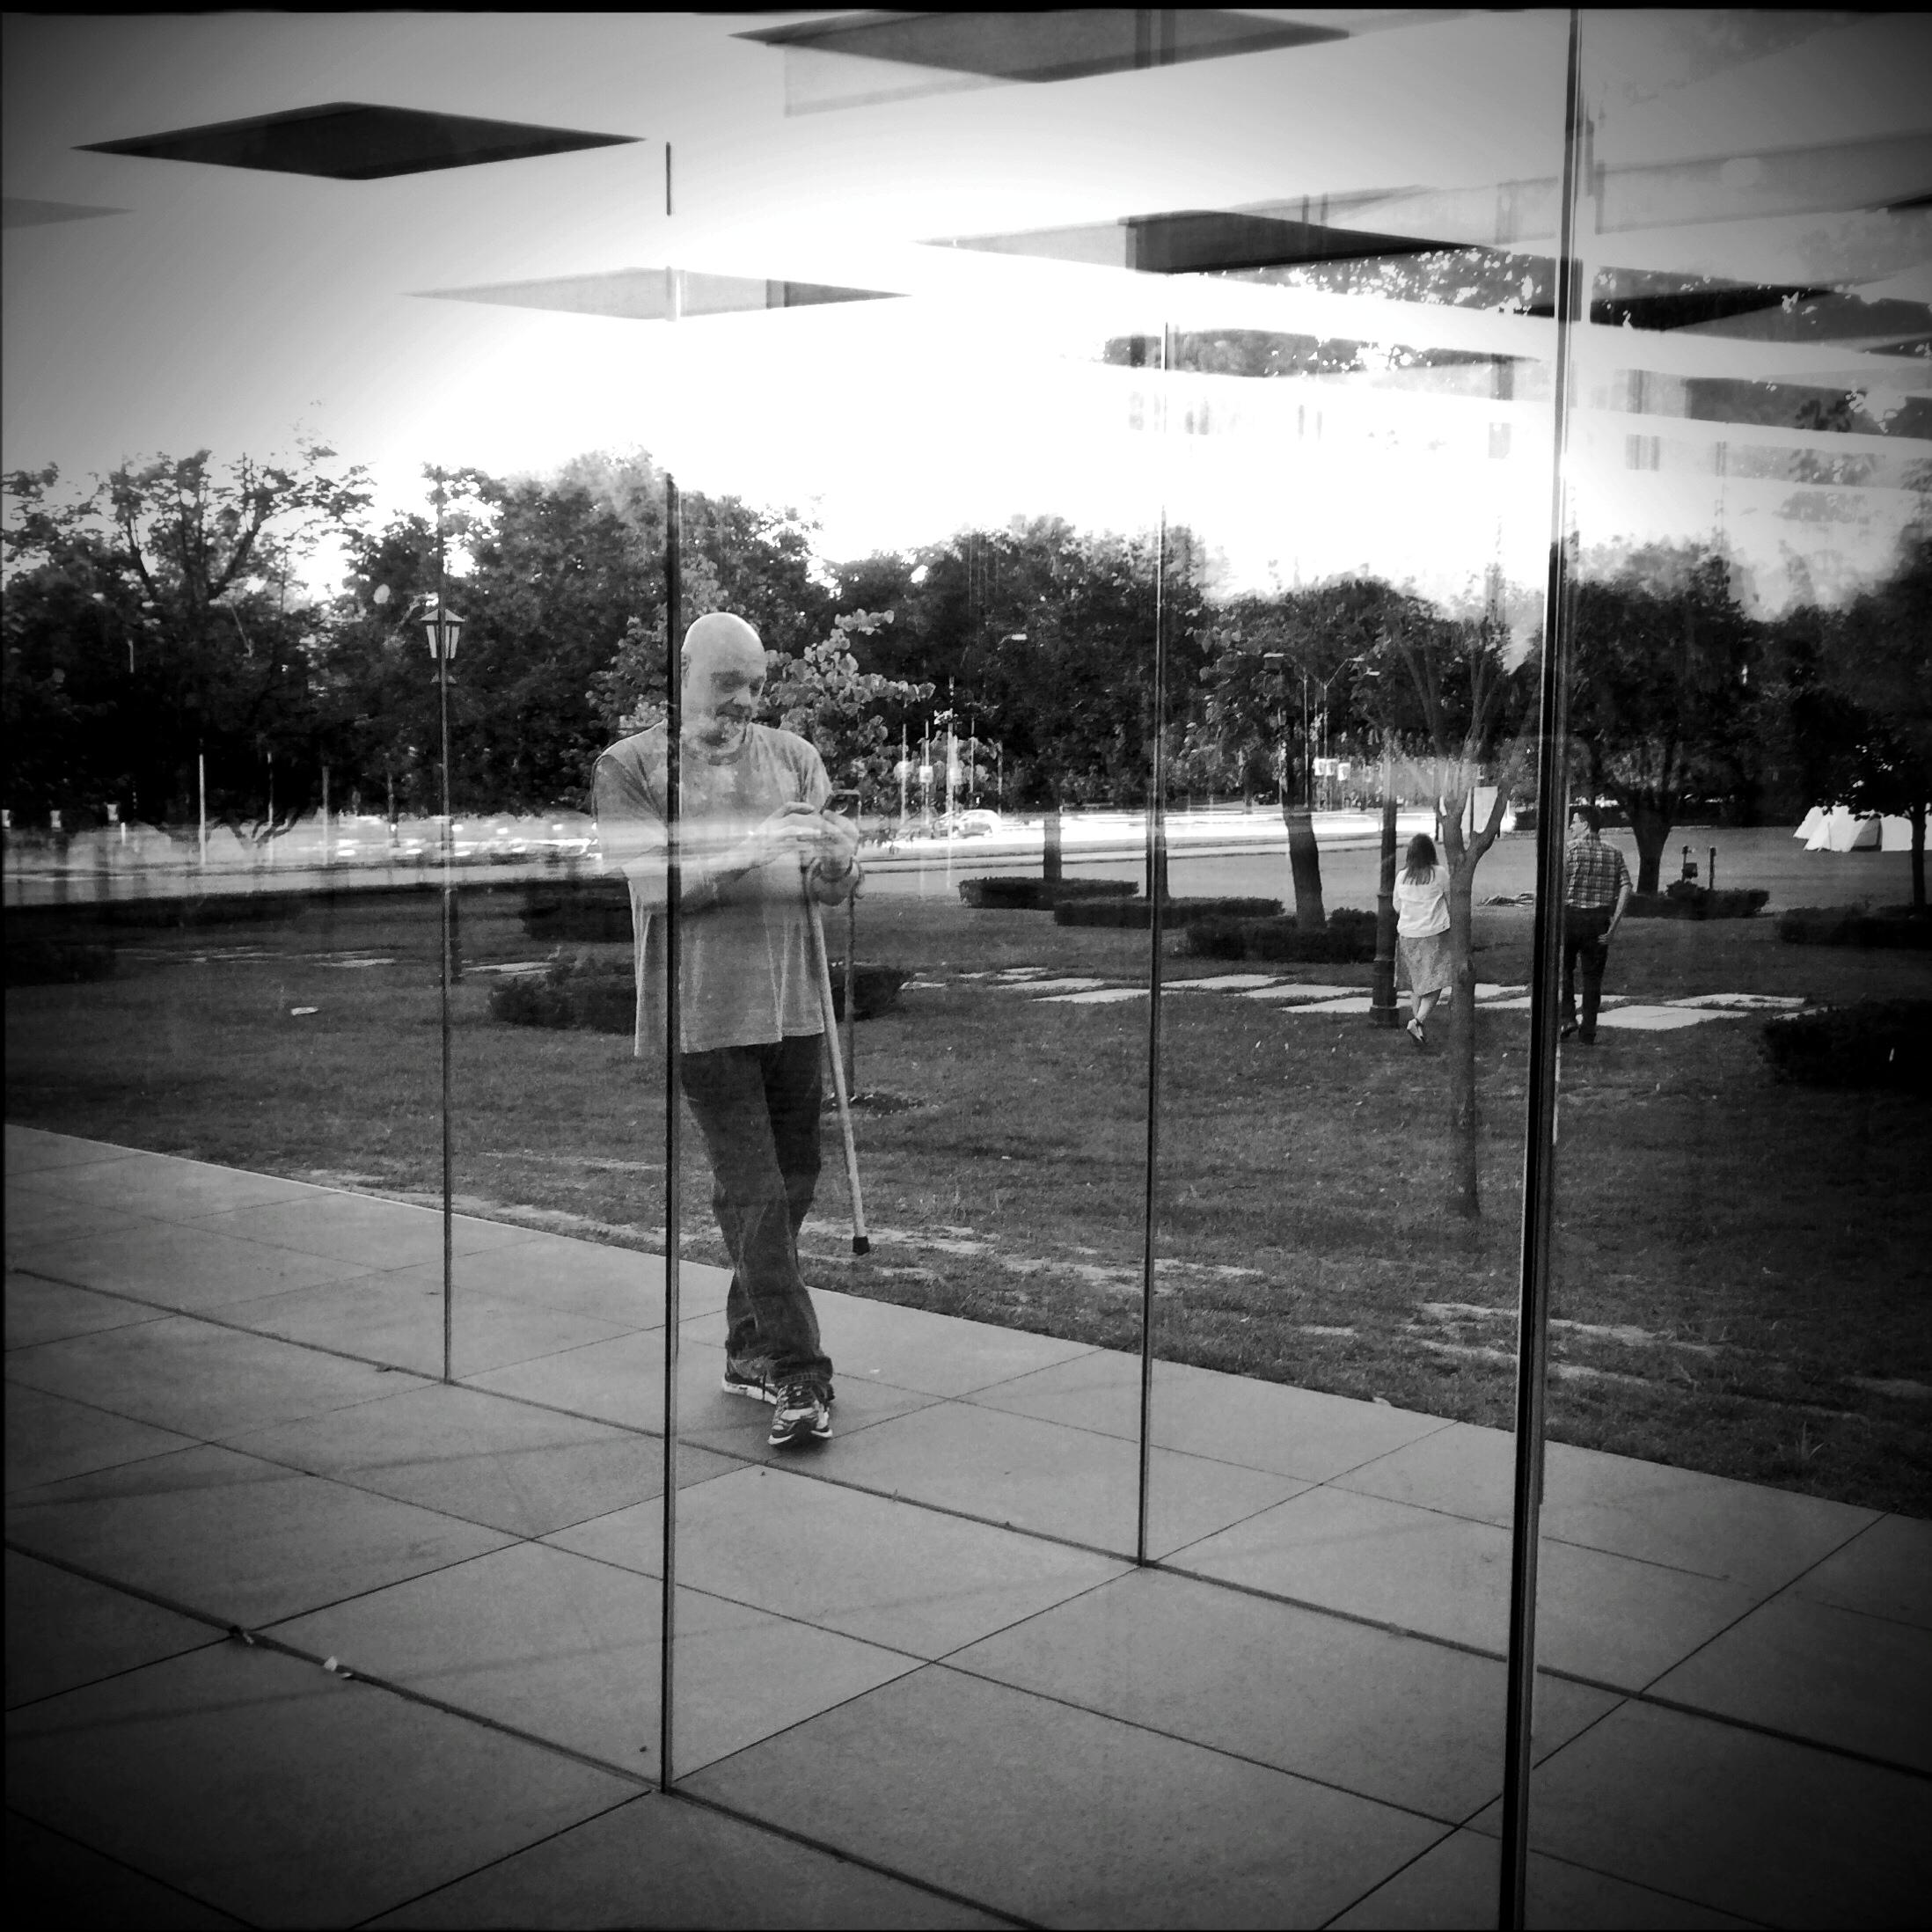 Meri_BrettInHisPrivateIdaho2.JPG